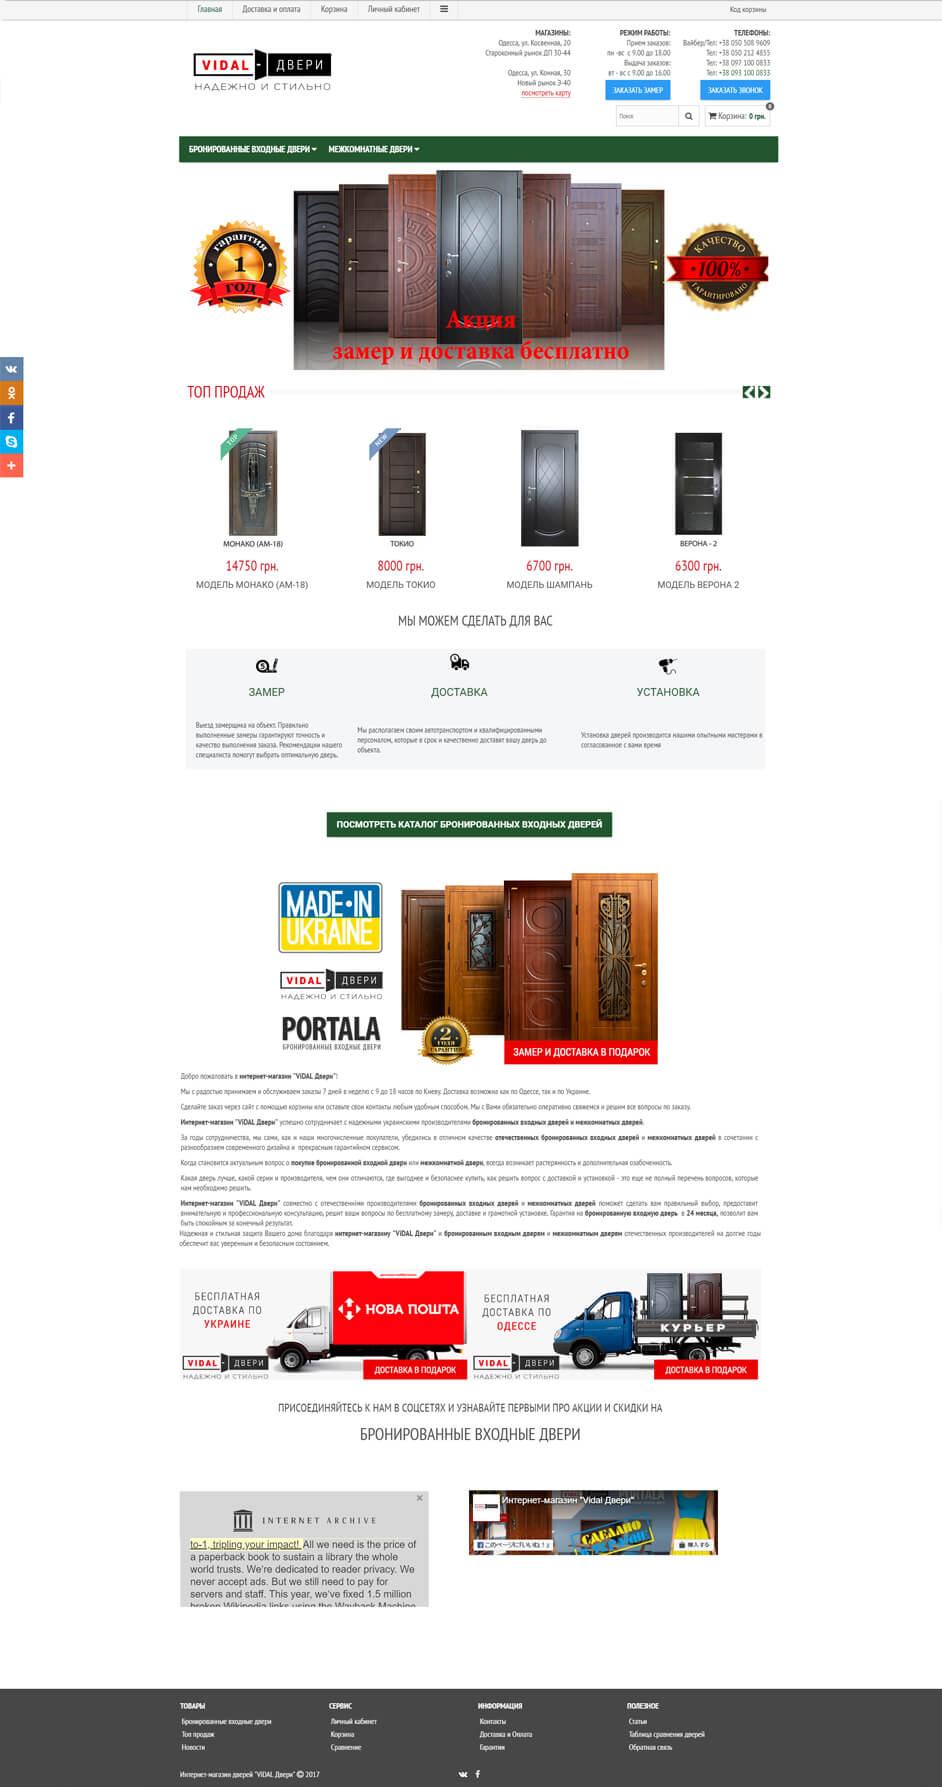 Редизайн главной страницы сайта до – веб-студия SeoSpace